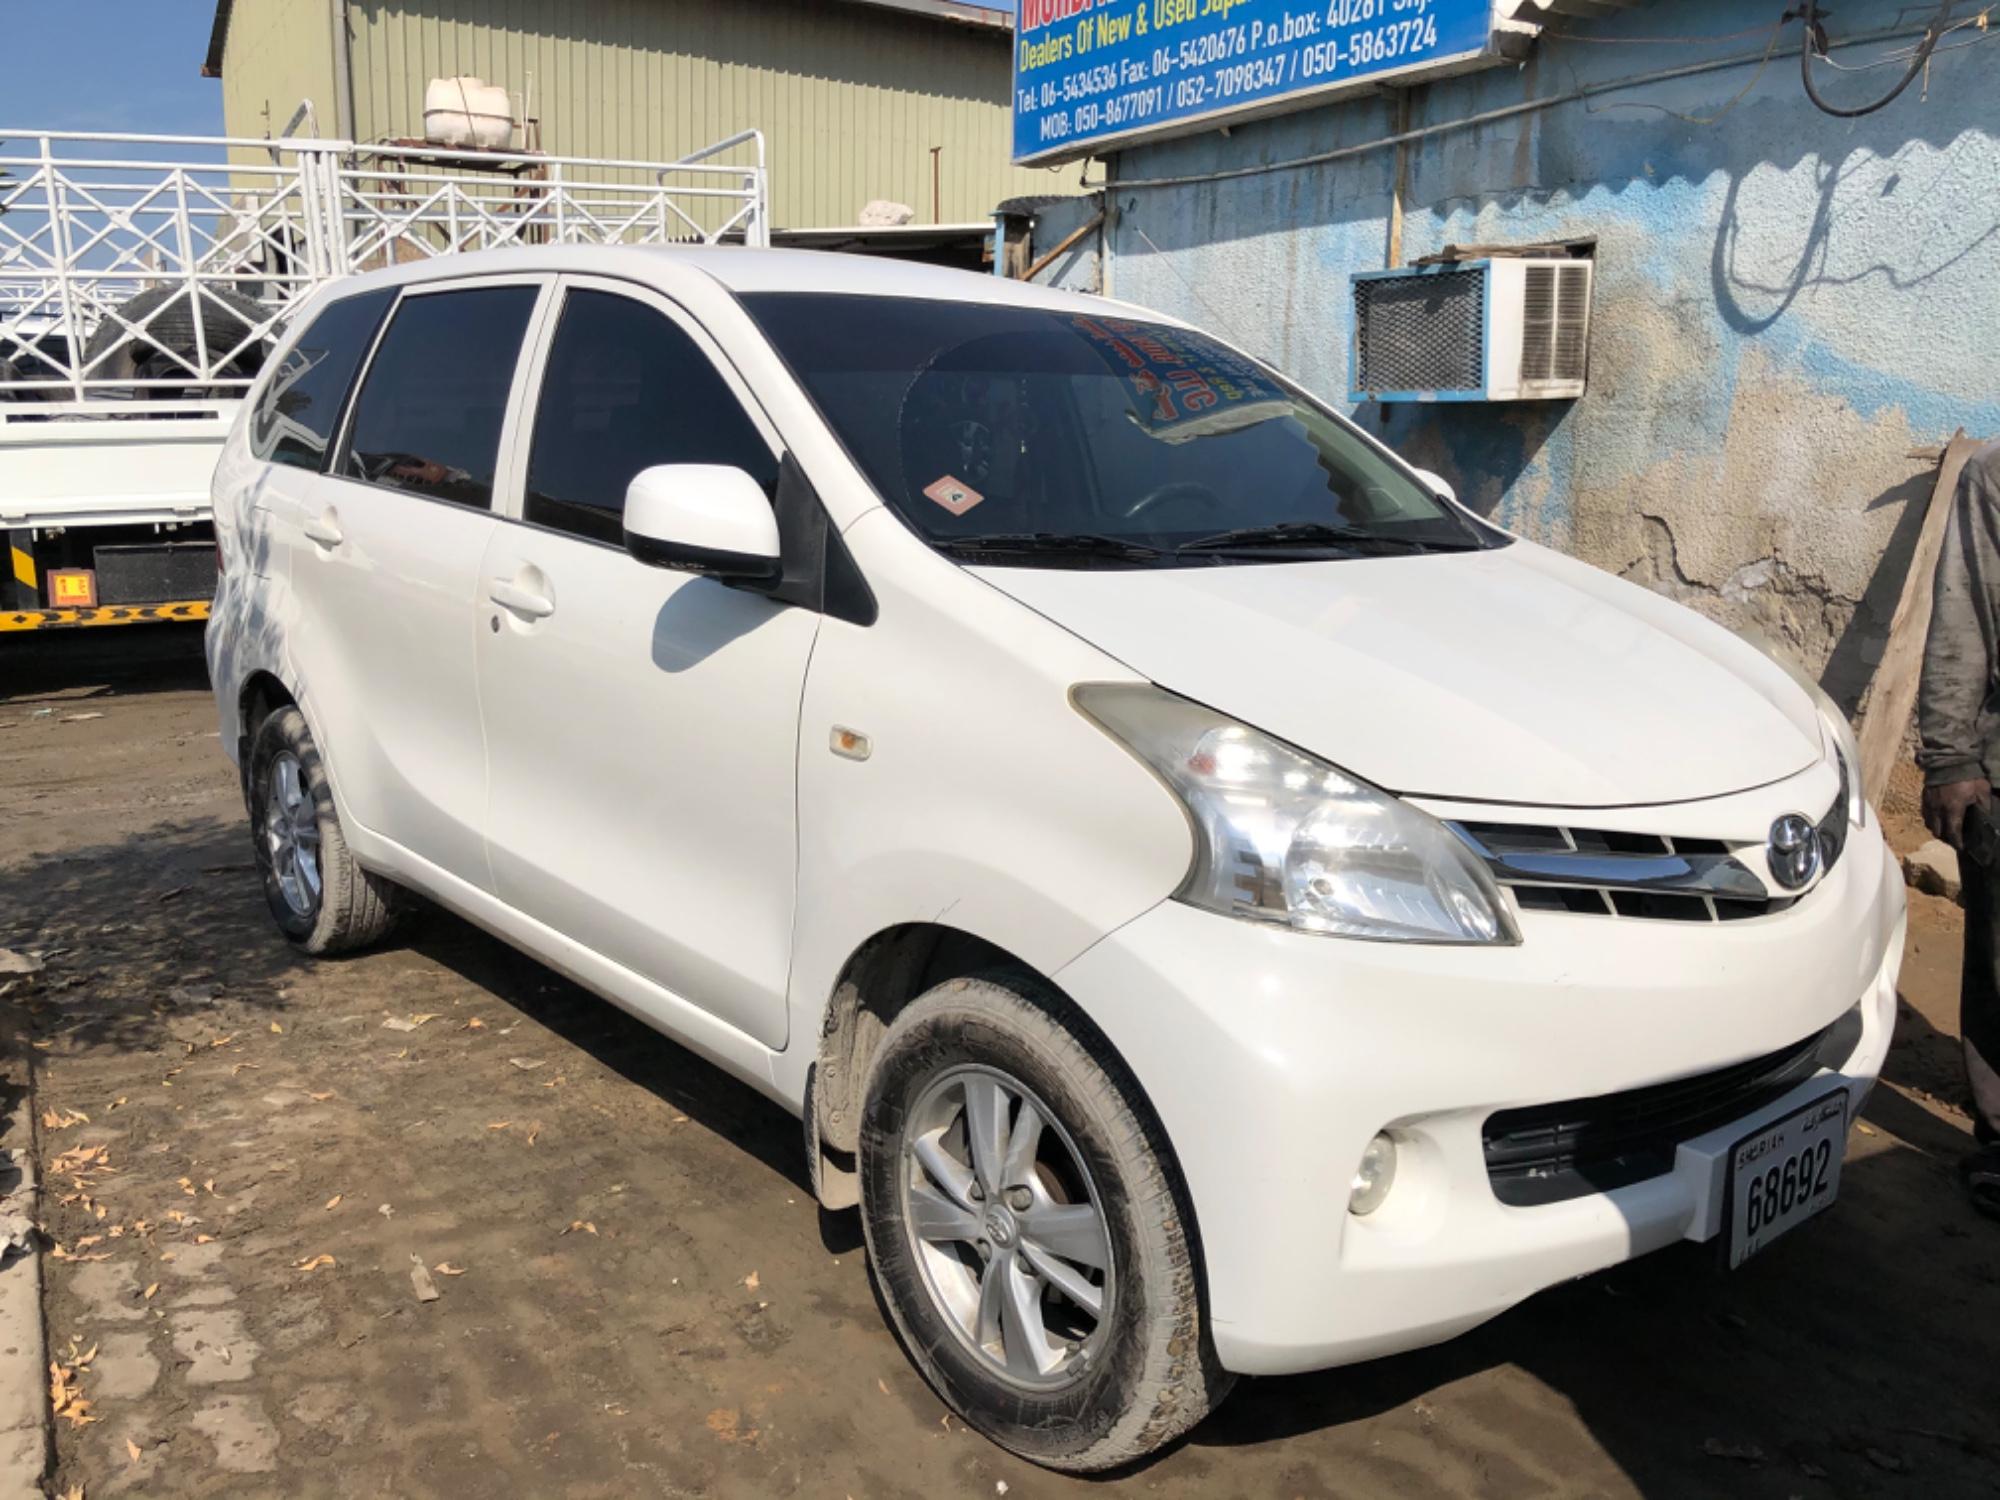 Kelebihan Kekurangan Toyota Avanza 2015 Murah Berkualitas